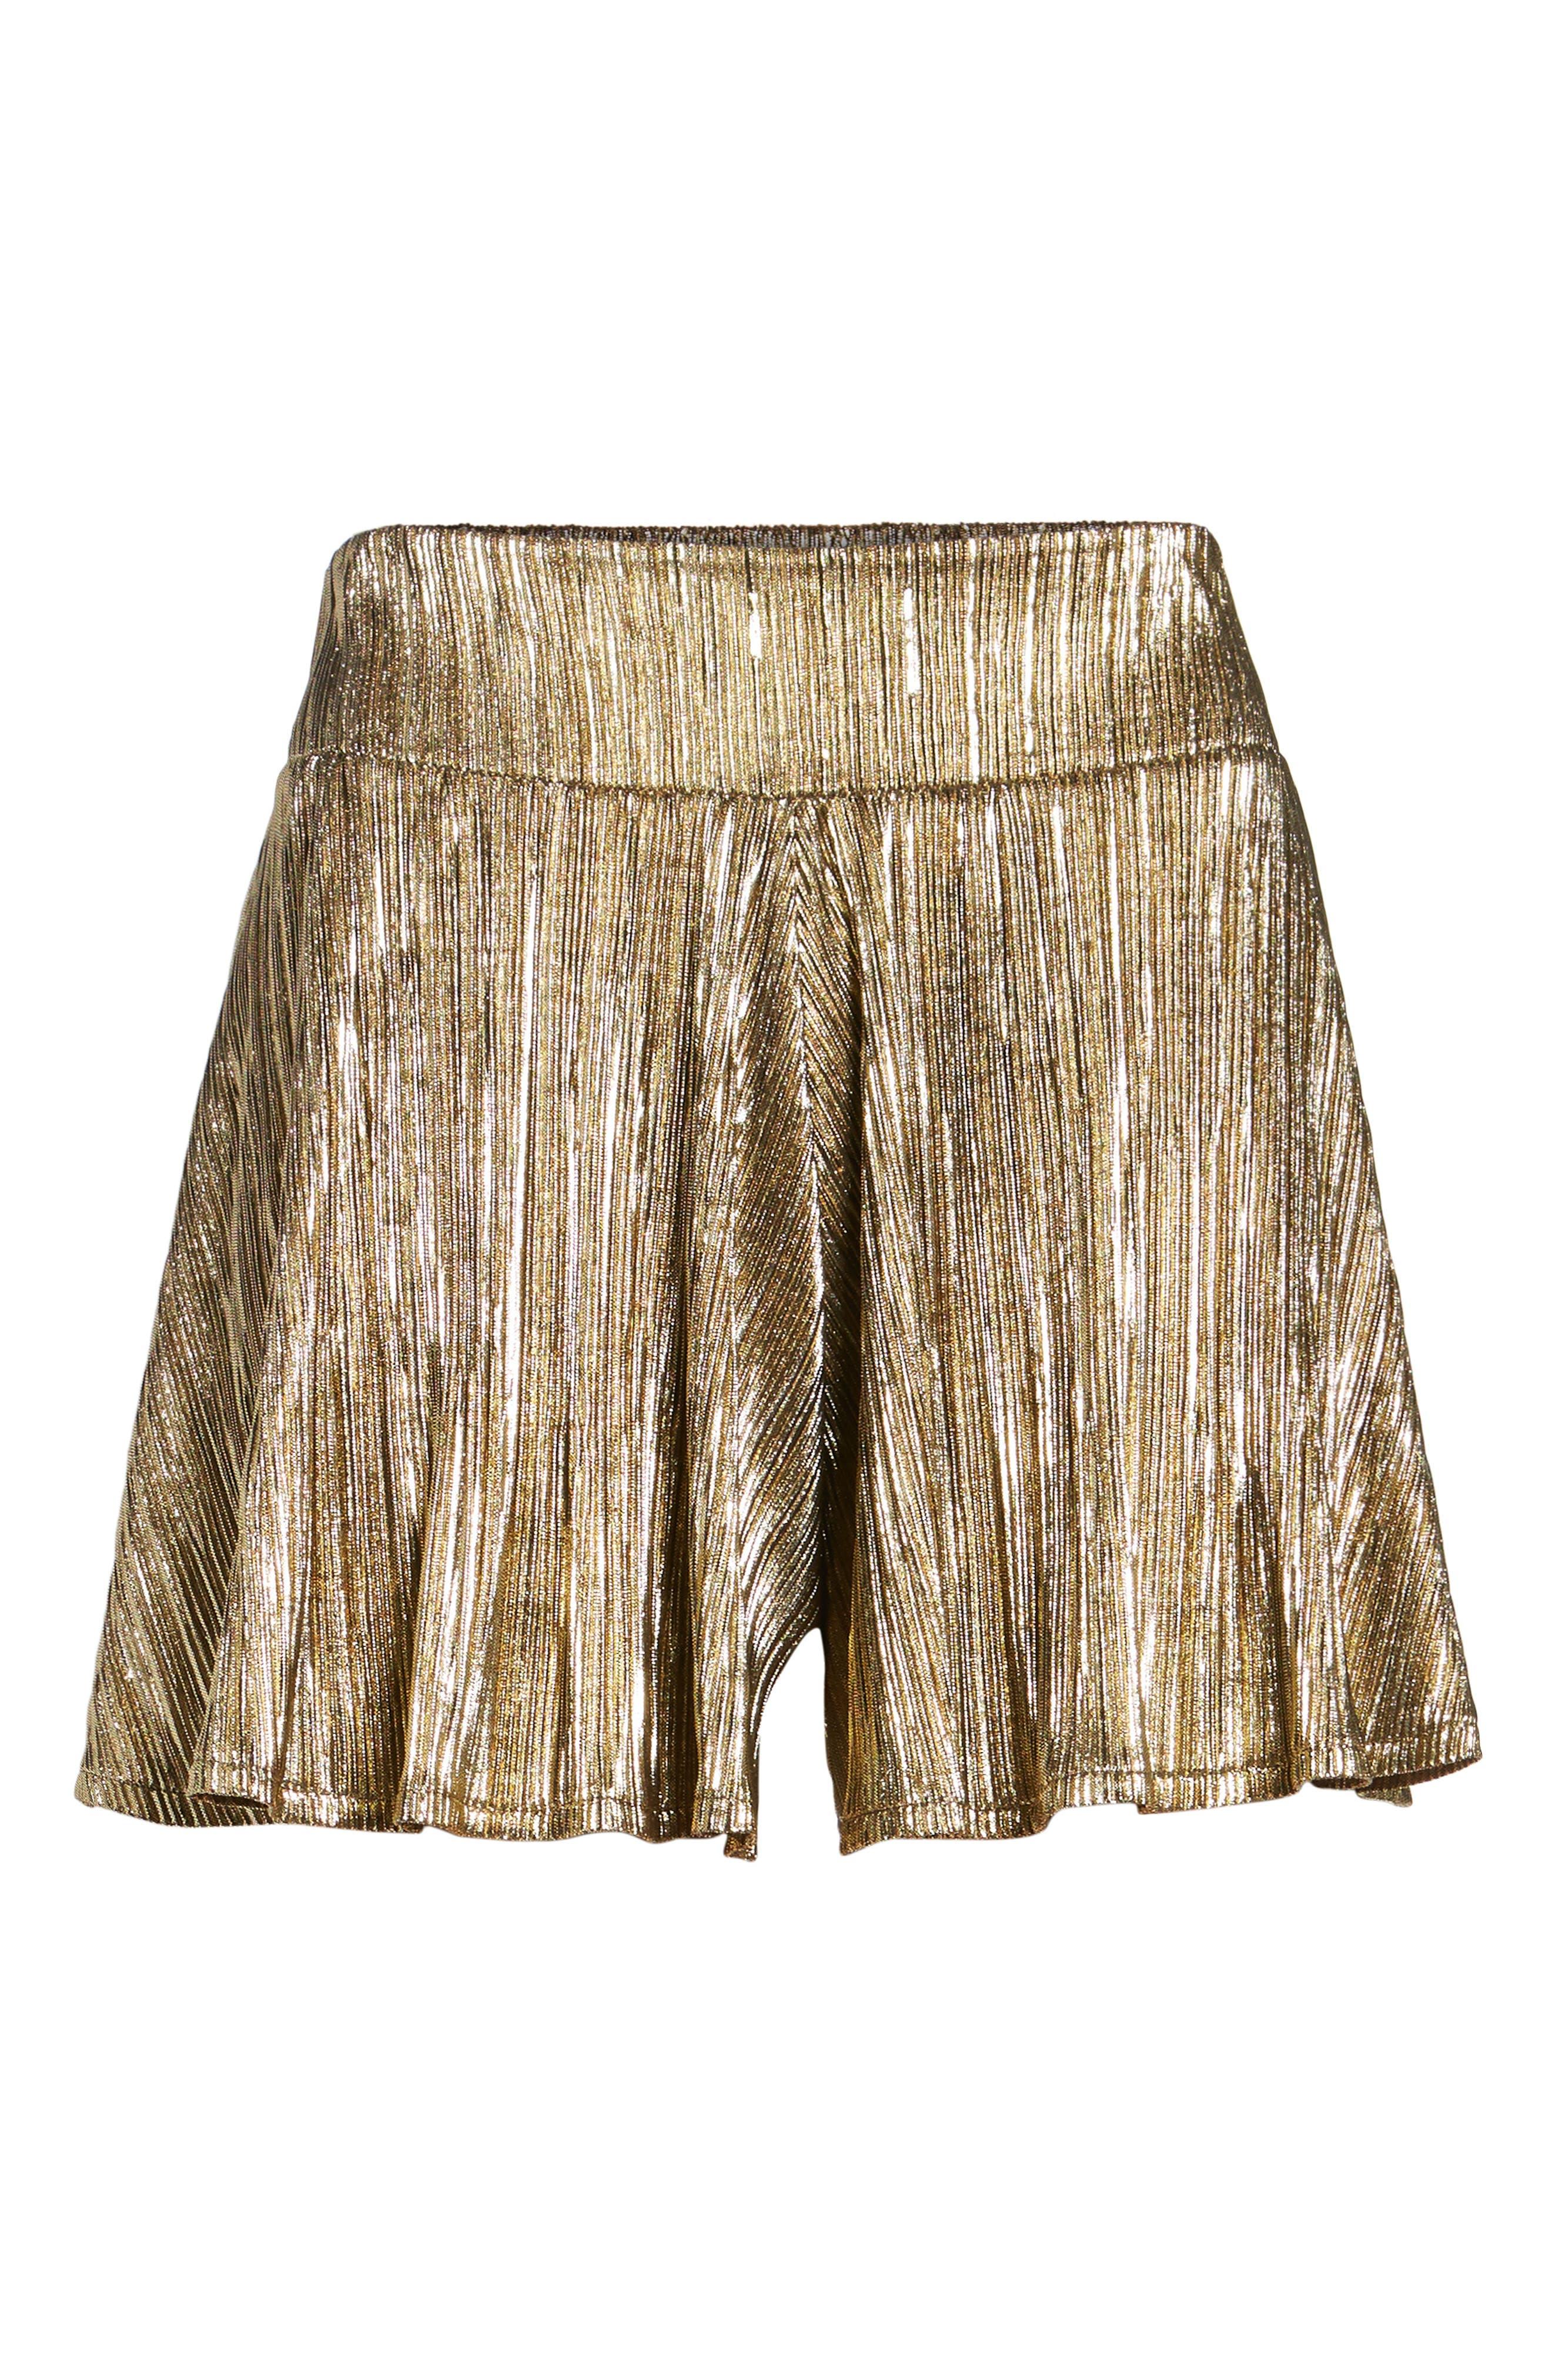 Carlos Swing Shorts,                             Alternate thumbnail 7, color,                             Good As Gold